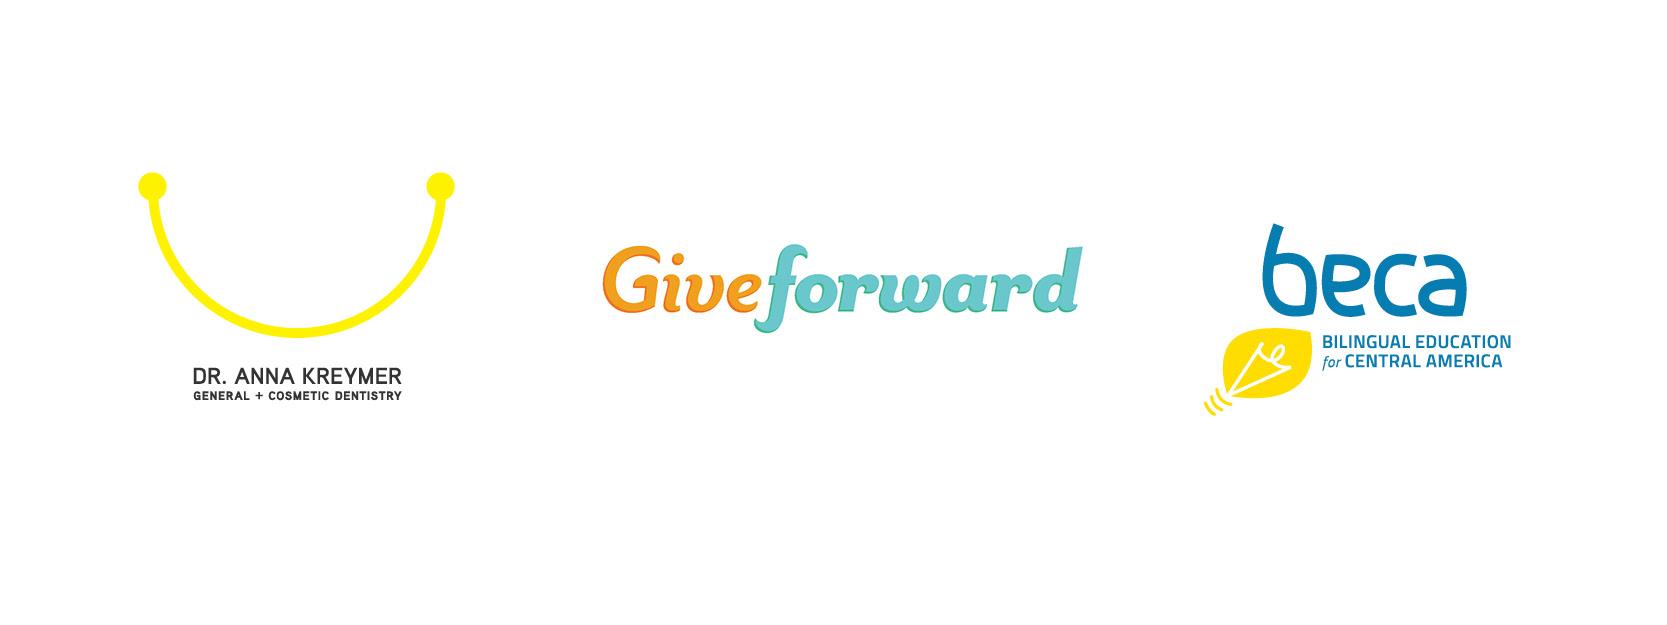 Dr. Anna Kreymer ,  GiveForward ,  BECA